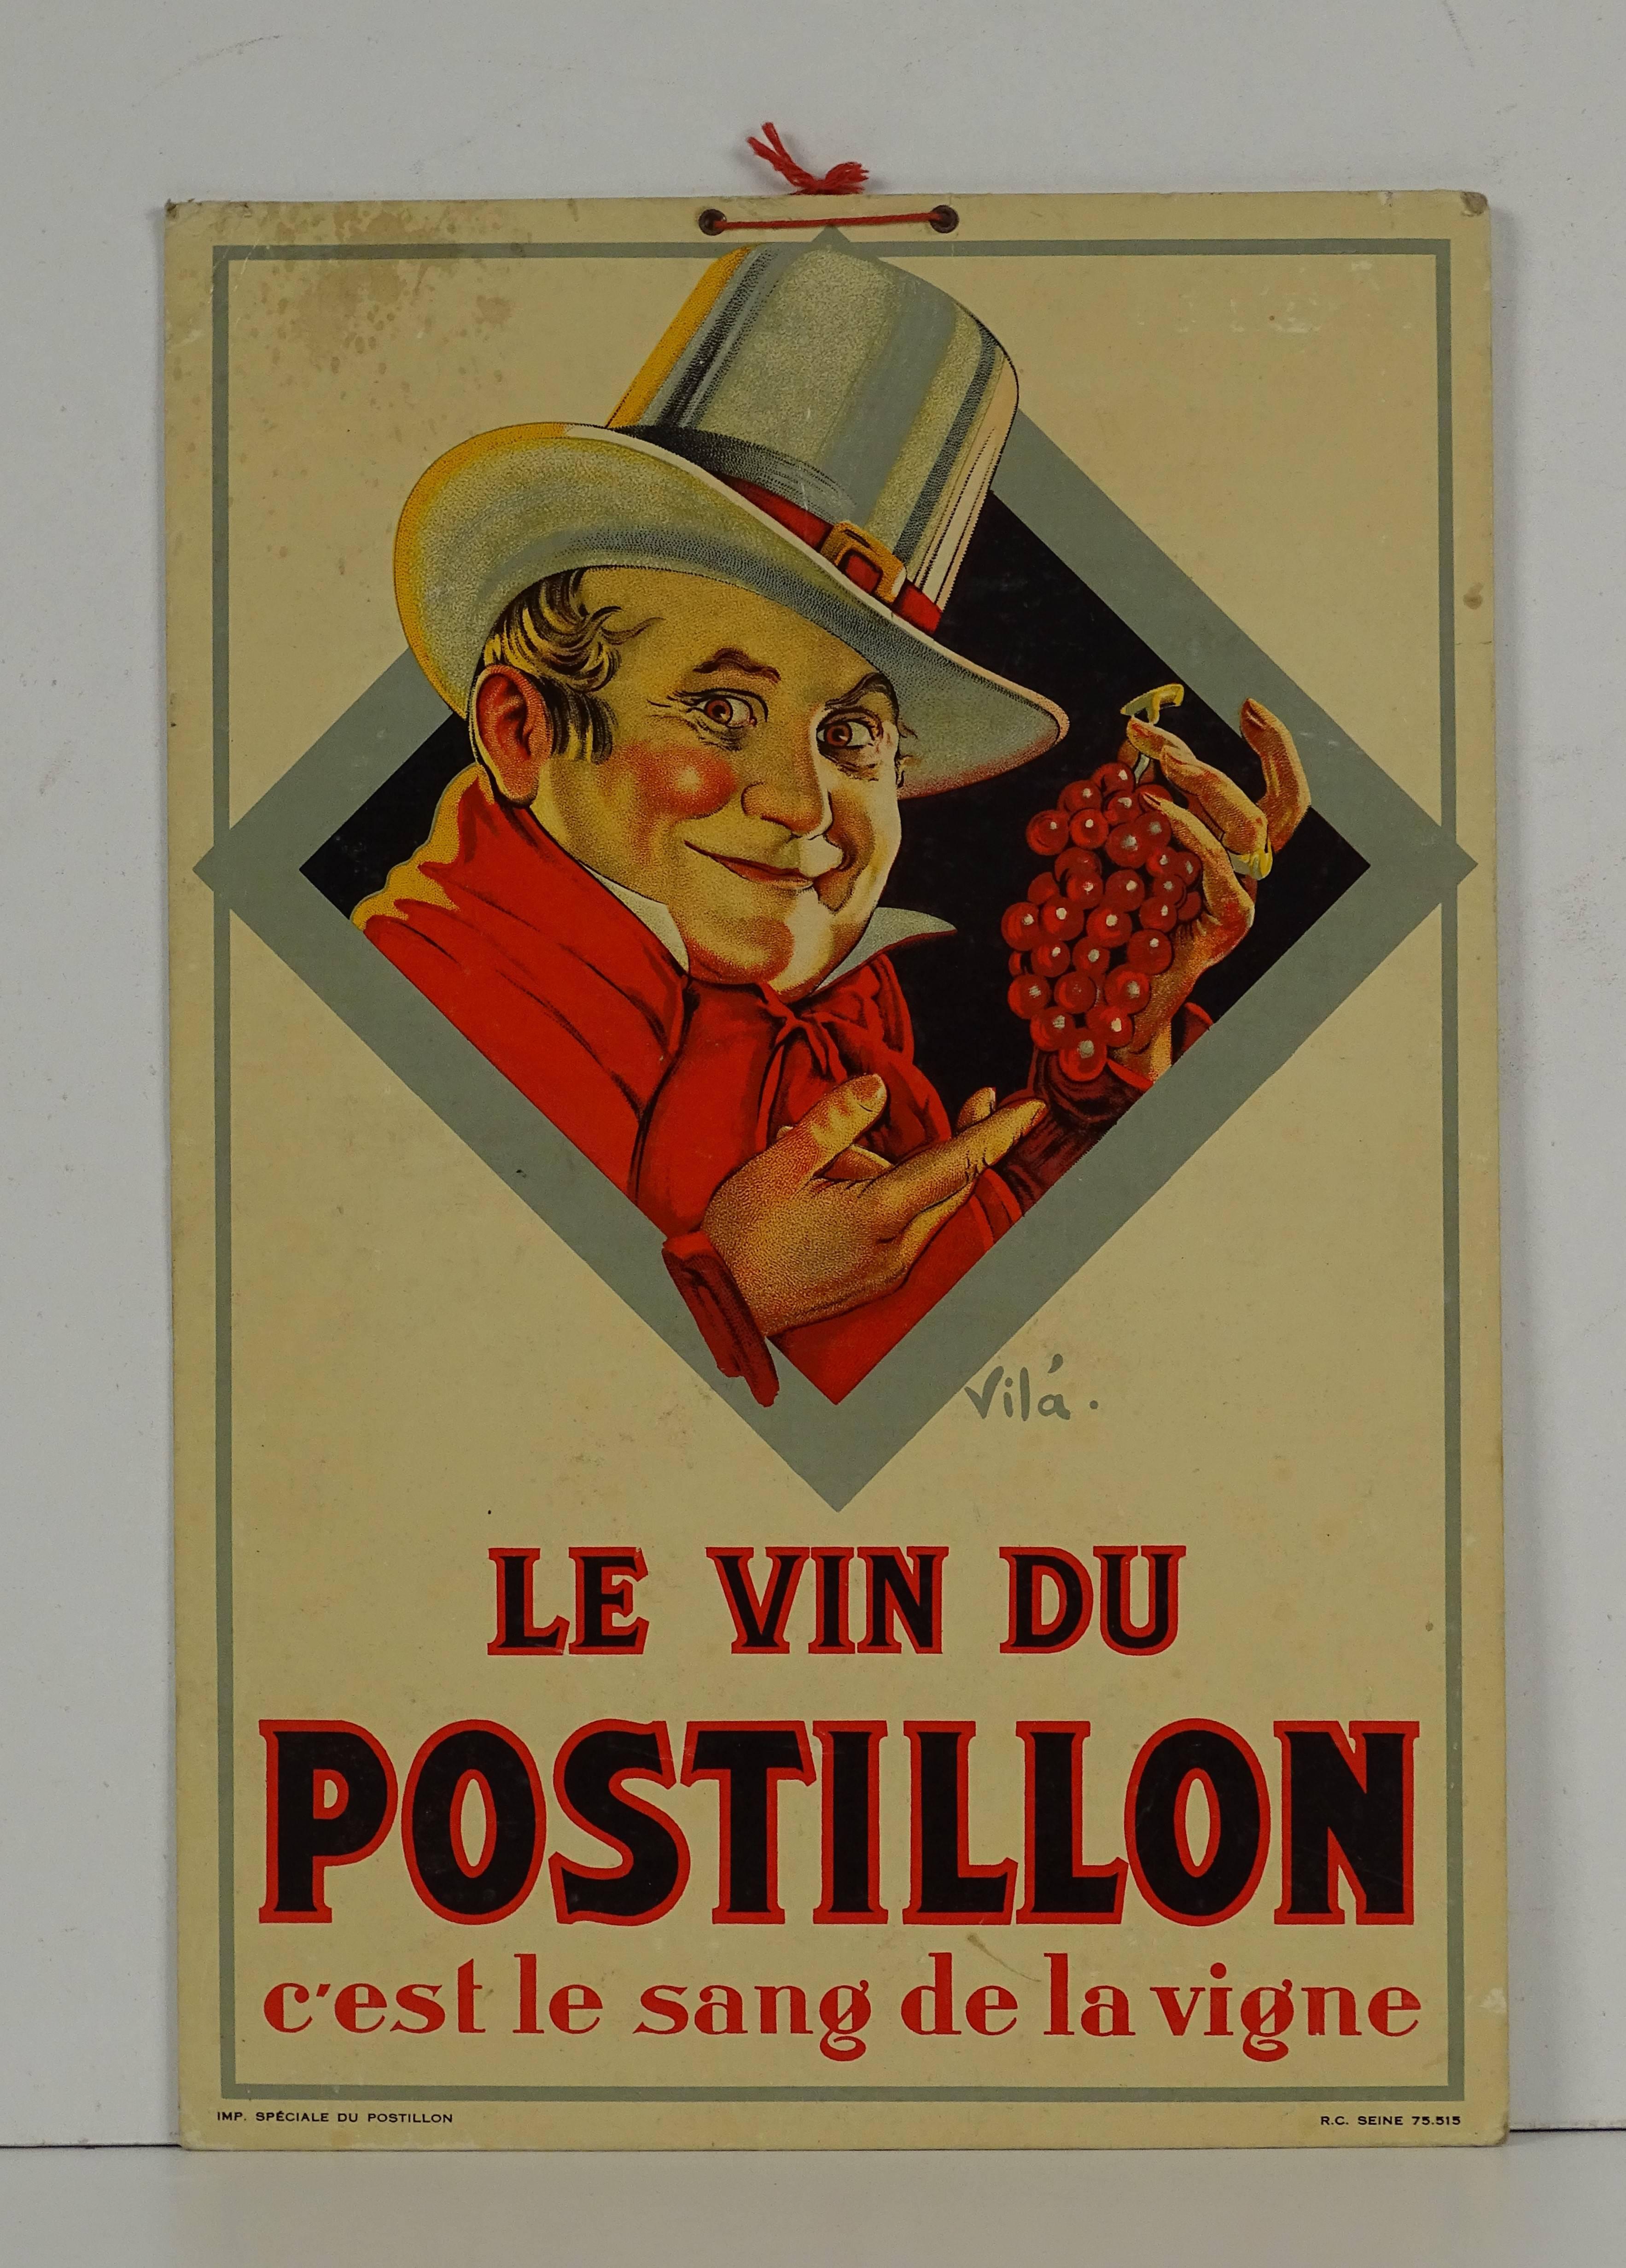 Pastillon